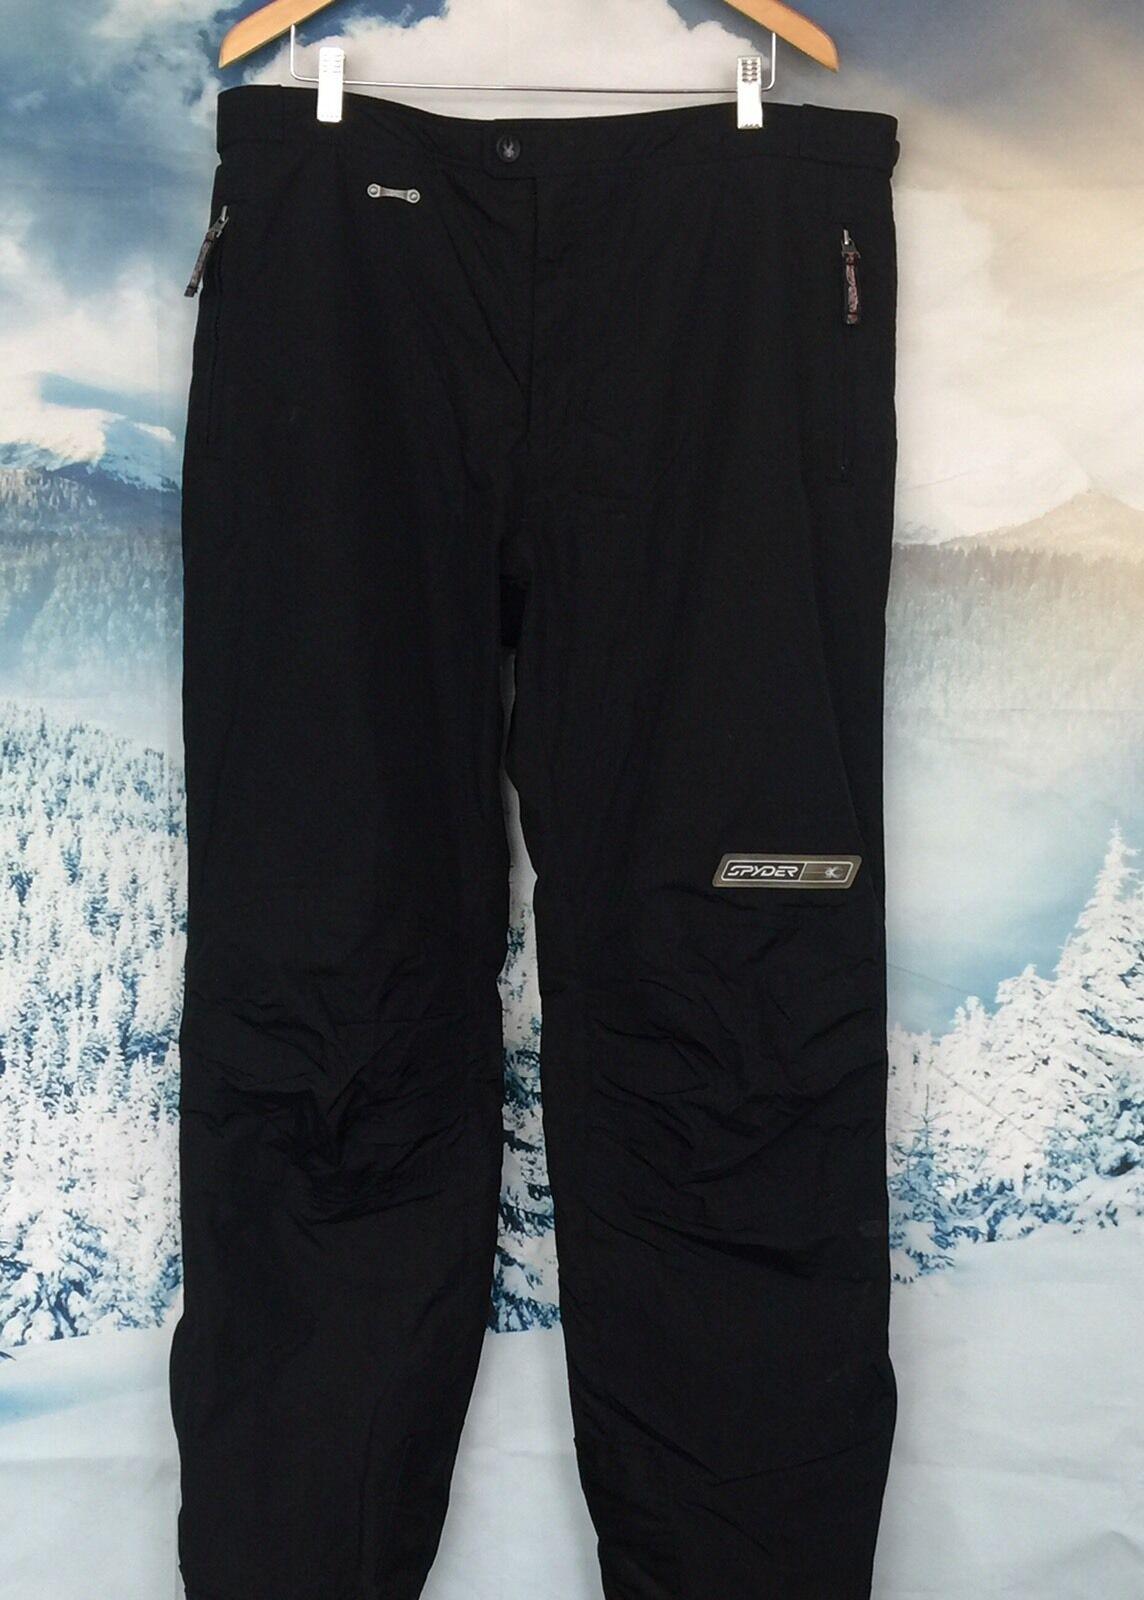 MENS SPYDER XT 5000 schwarz SKI SNOWBOARD SNOW PANTS